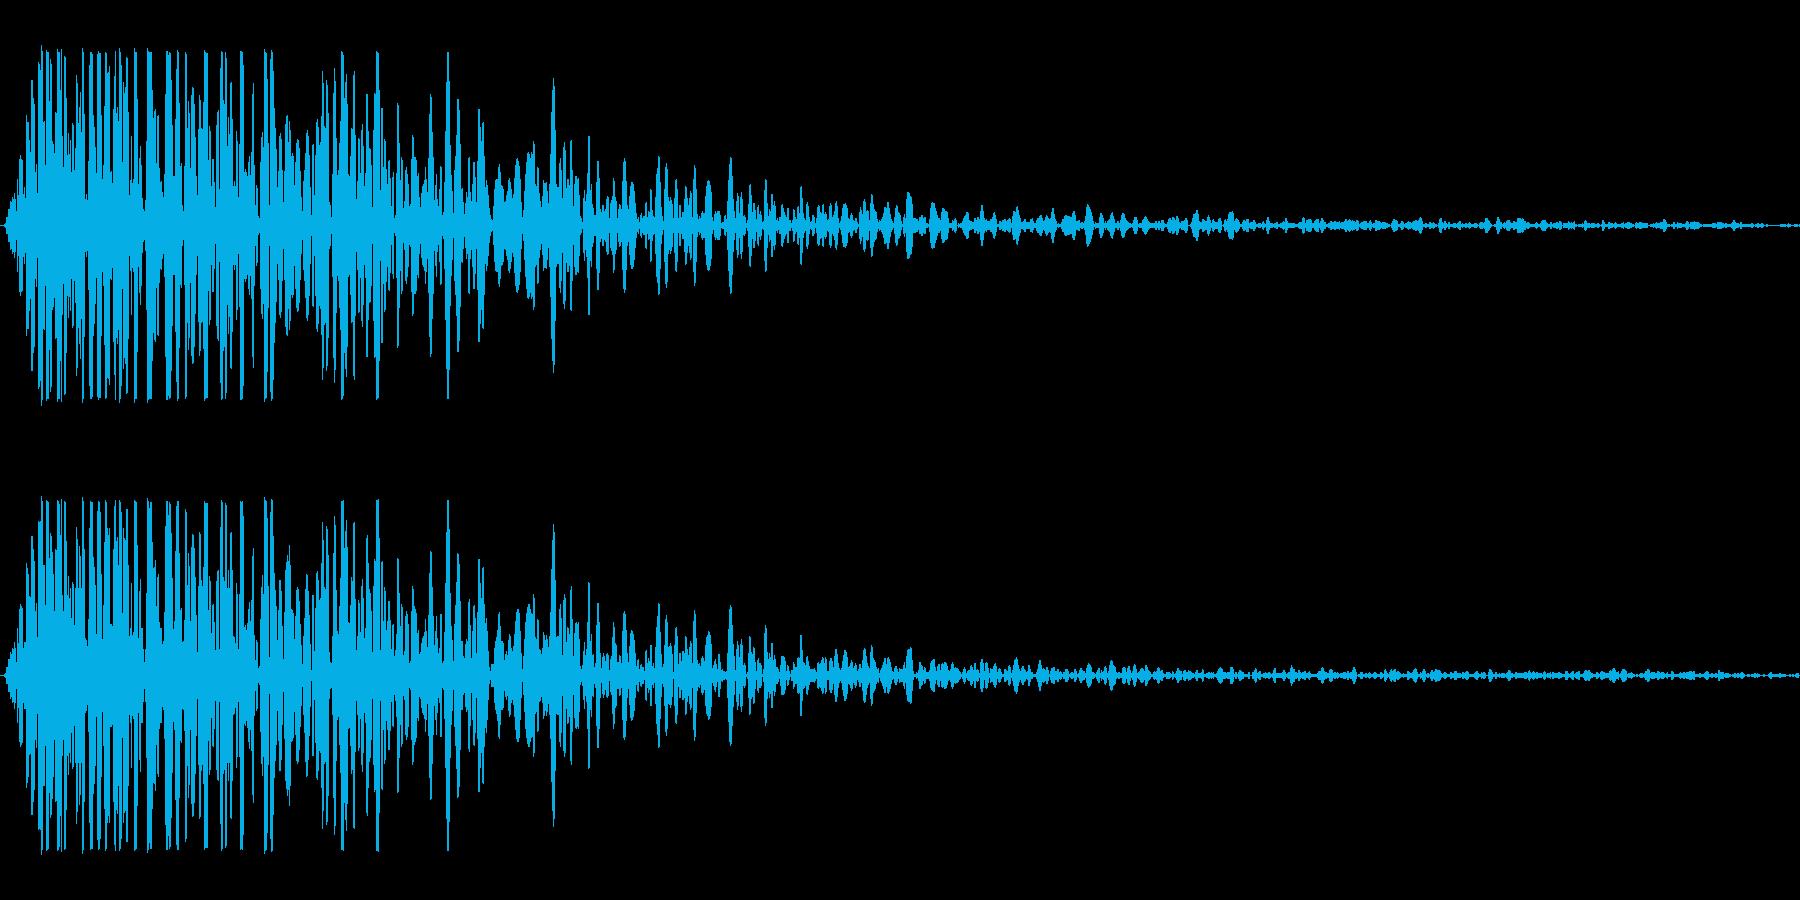 キャンセル、エラー SEの再生済みの波形